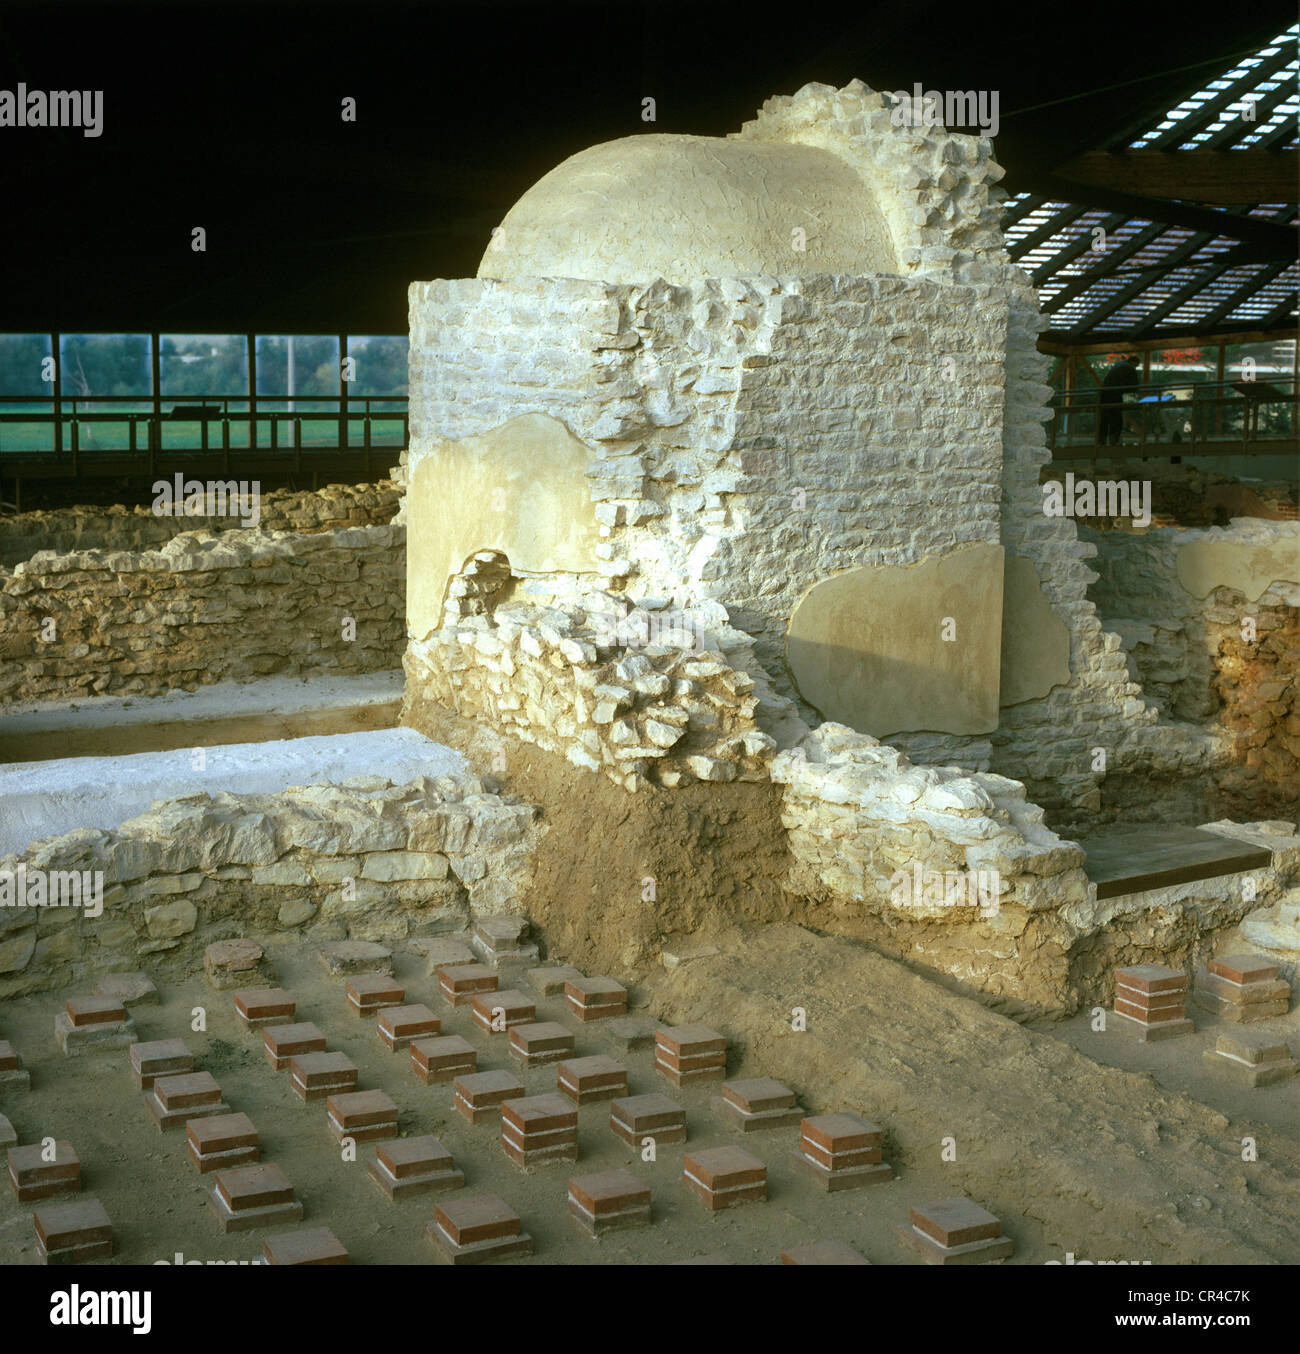 Steinschwitzbad vor dem kalten Bad, Wiederaufbau, römische Ausgrabungen, Weissenburg, Mittelfranken, Franken, Stockbild